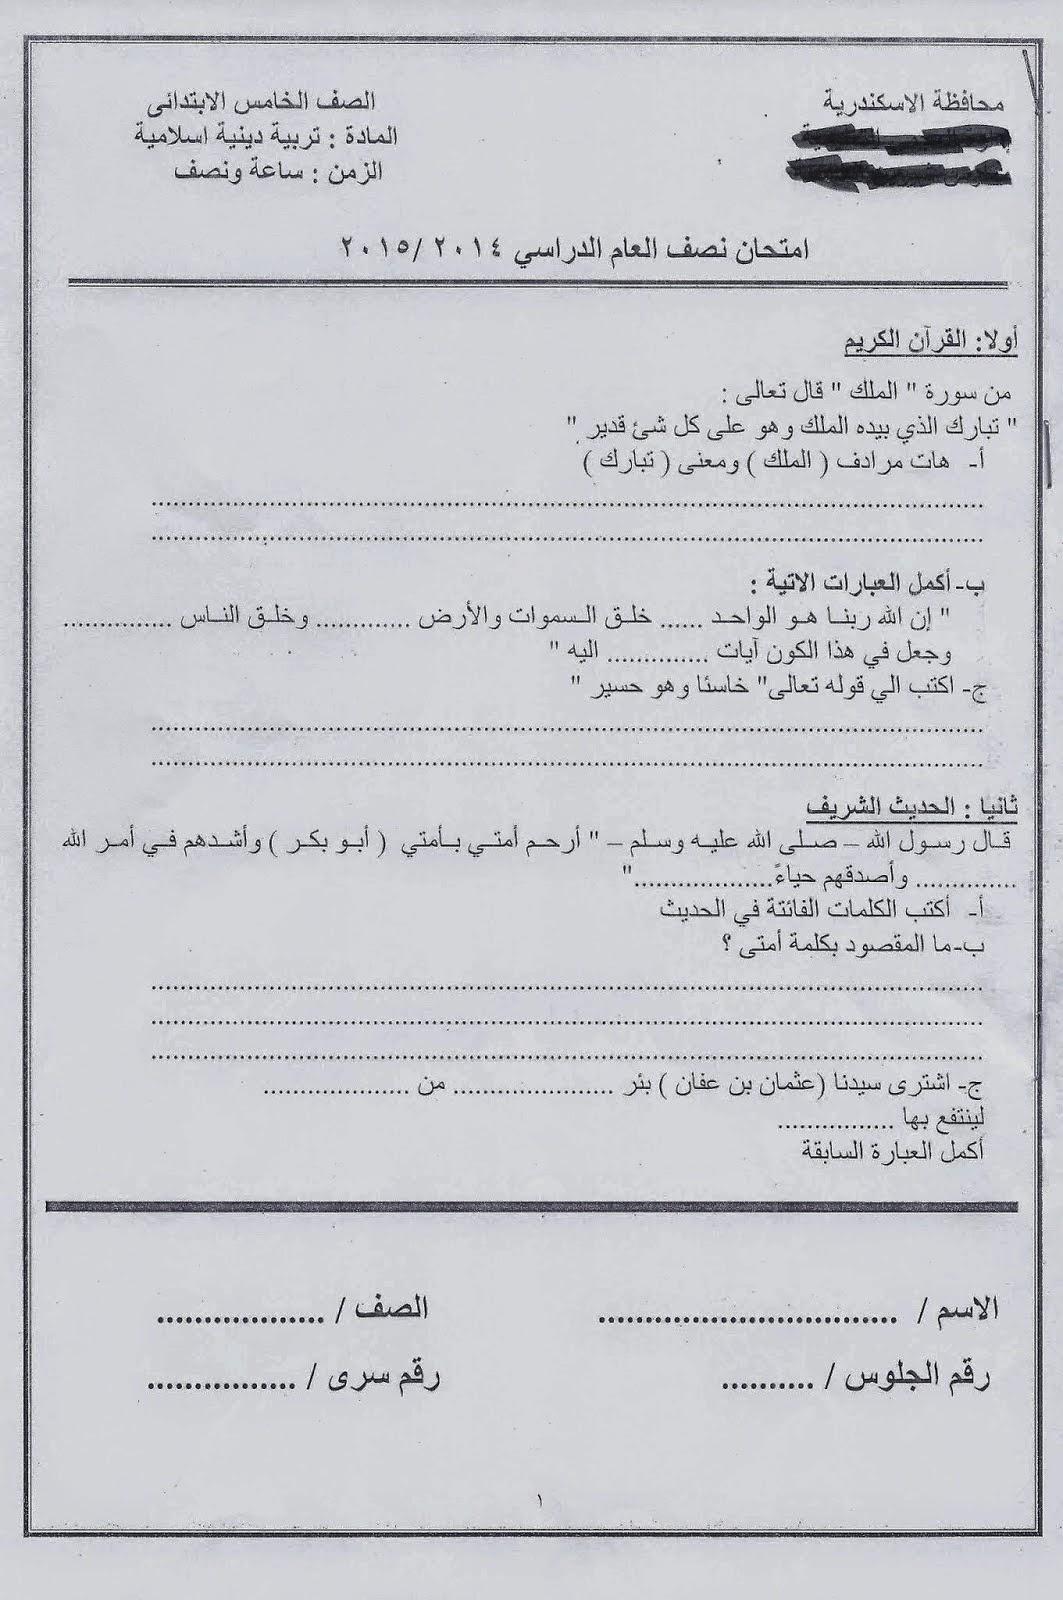 امتحانات كل مواد الصف الخامس الابتدائي الترم الأول 2015 مدارس مصر حكومى و لغات scan0099.jpg